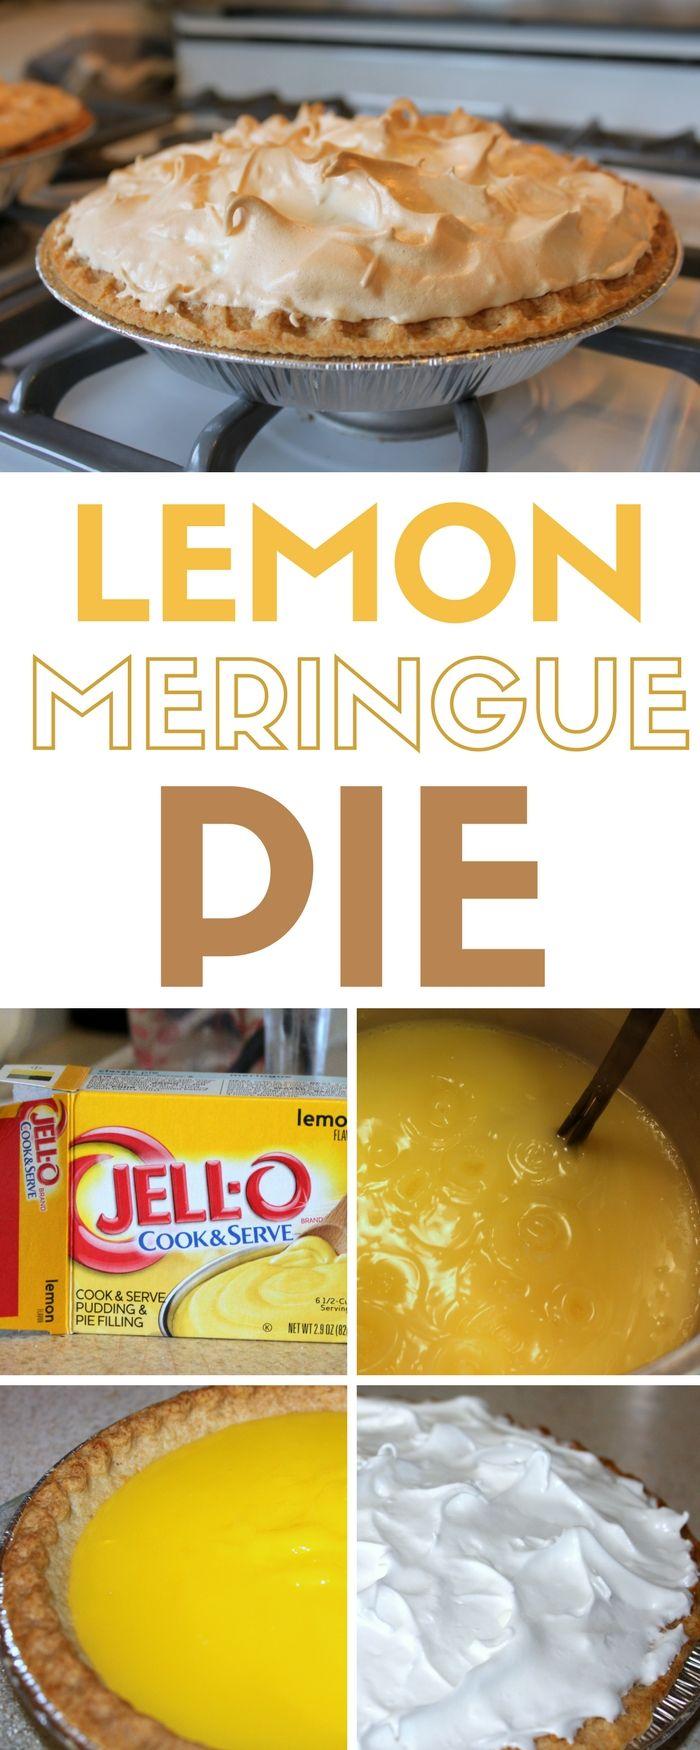 Jello Lemon Meringue Pie Recipe : jello, lemon, meringue, recipe, Lemon, Meringue, Recipe, Pudding, Recipes,